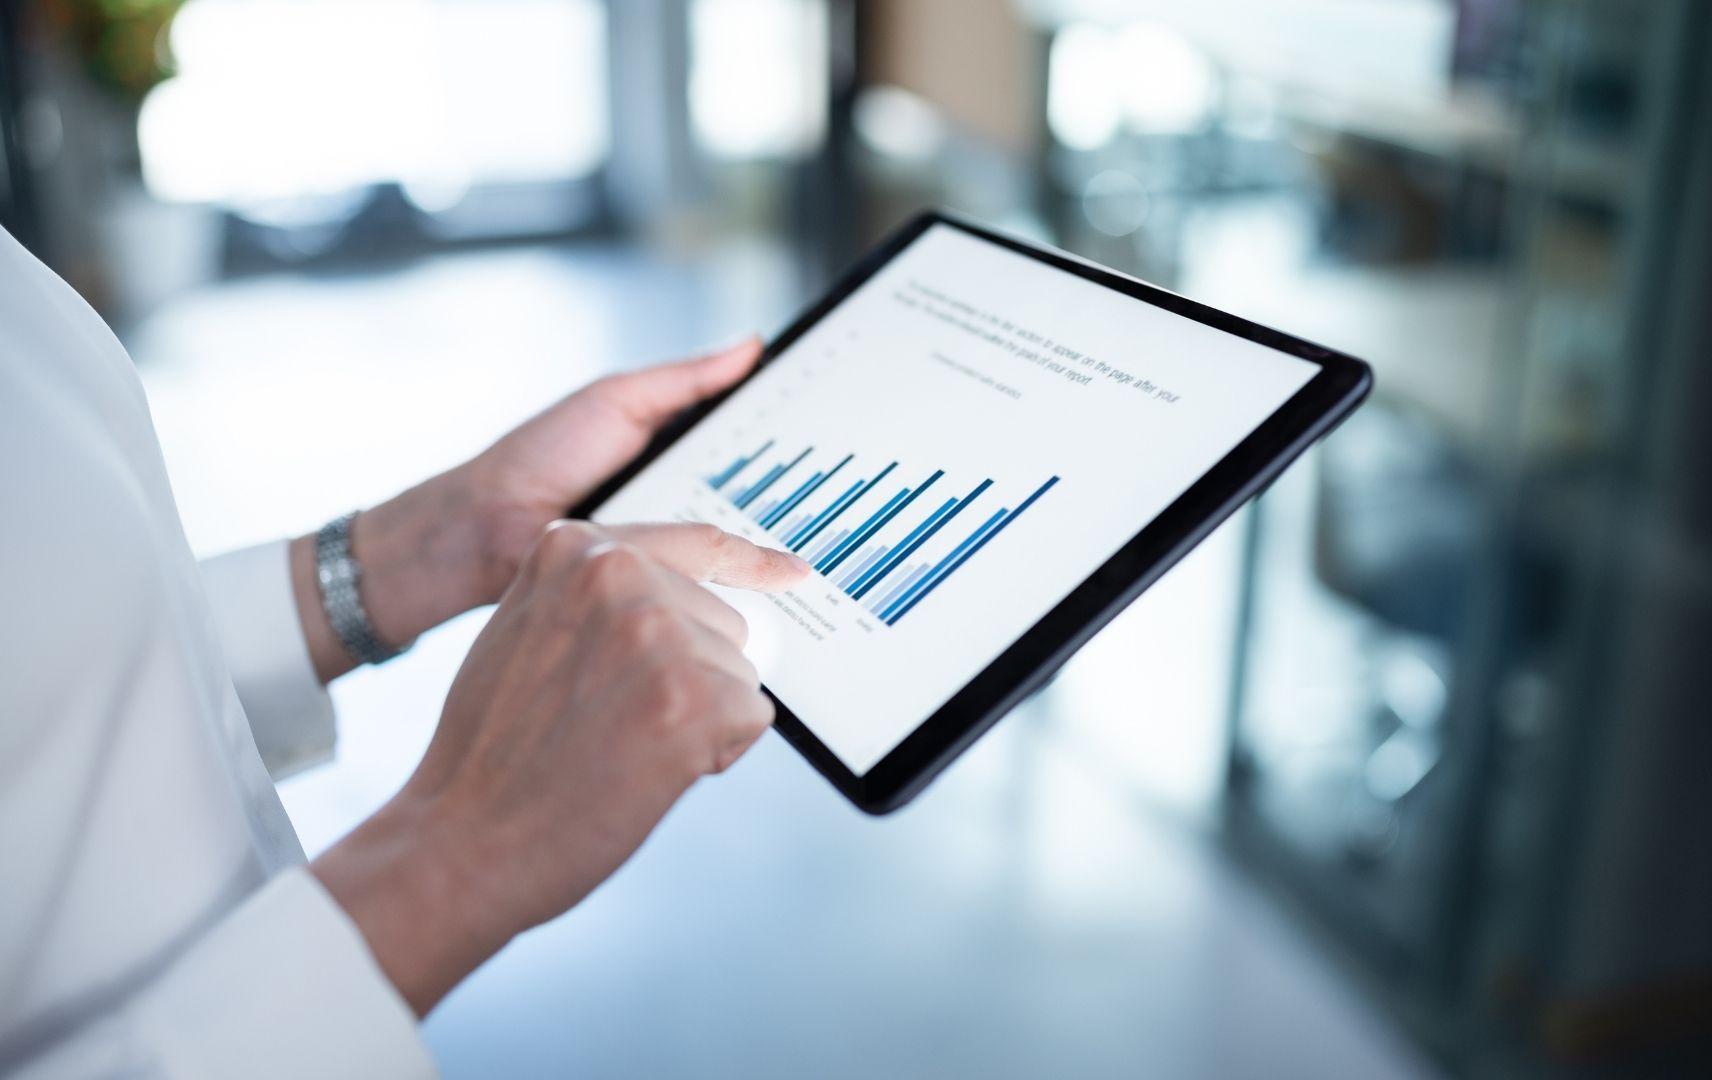 Datenanalyse Geschäftsreisen Frau mit Tablet